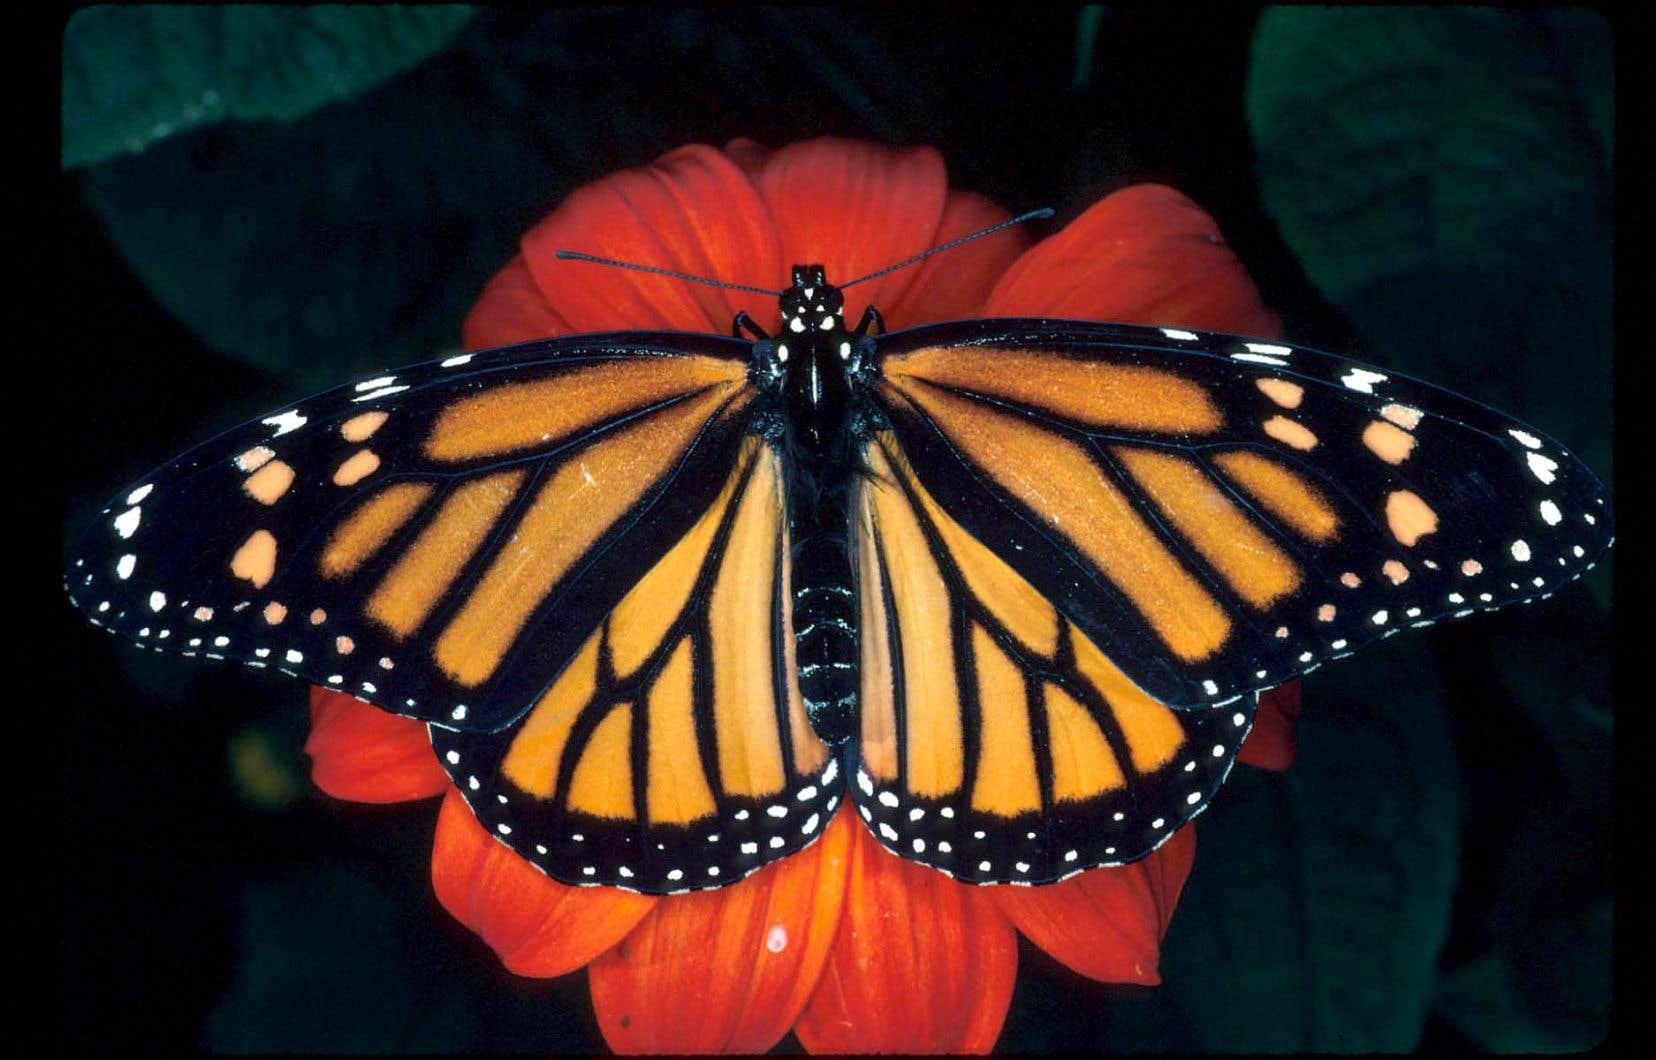 Le monarque est considéré comme une espèce en voie de disparition.